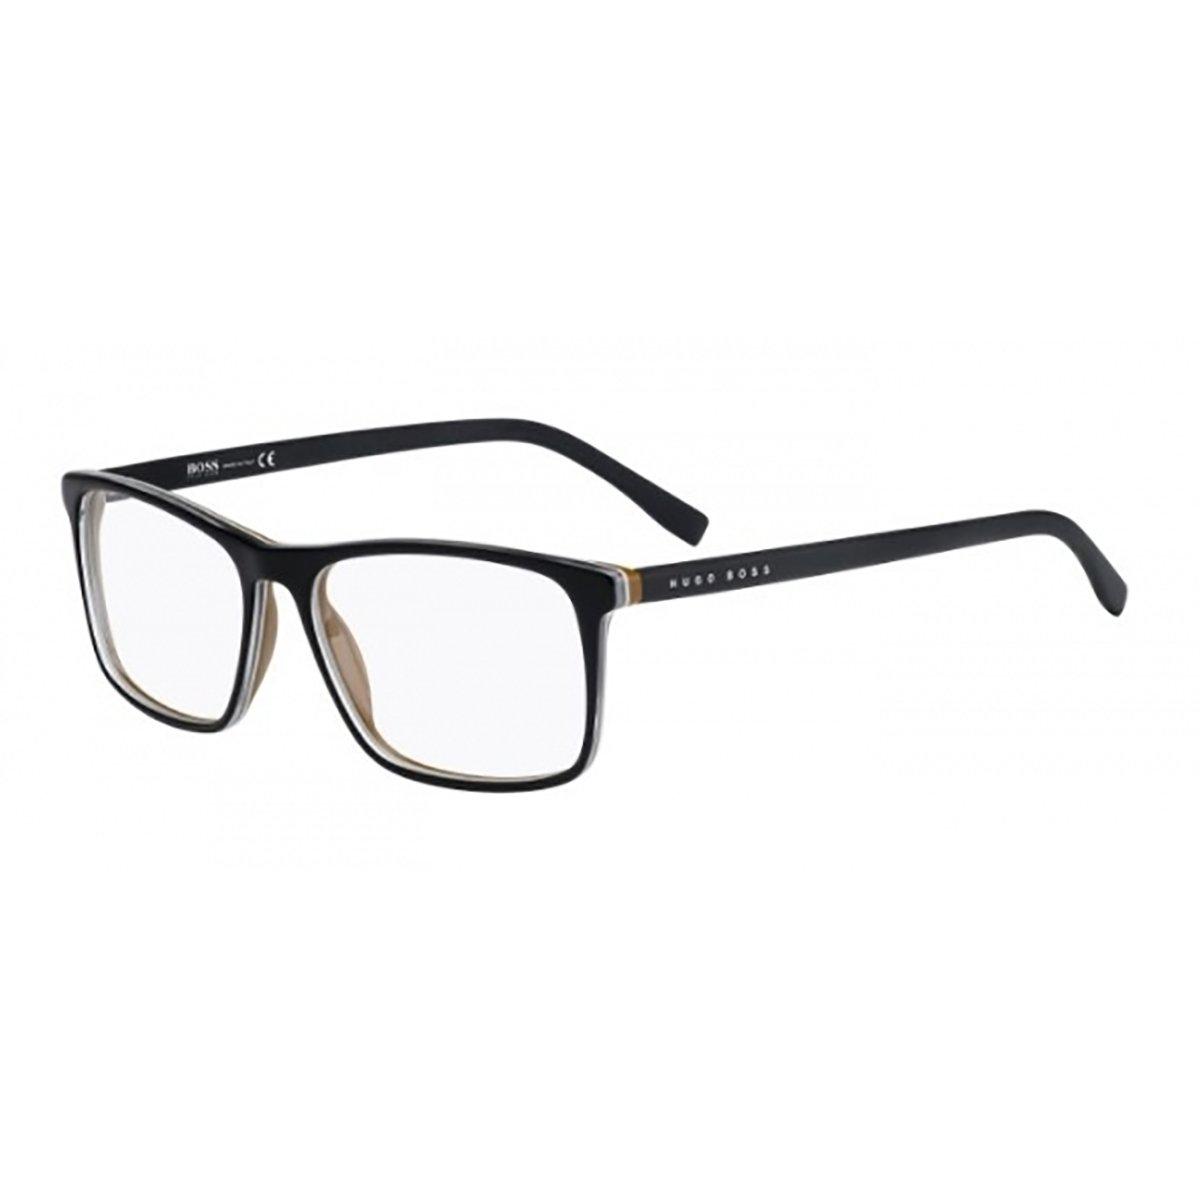 b6aa715890e24 Compre Óculos de Grau Hugo Boss em 10X